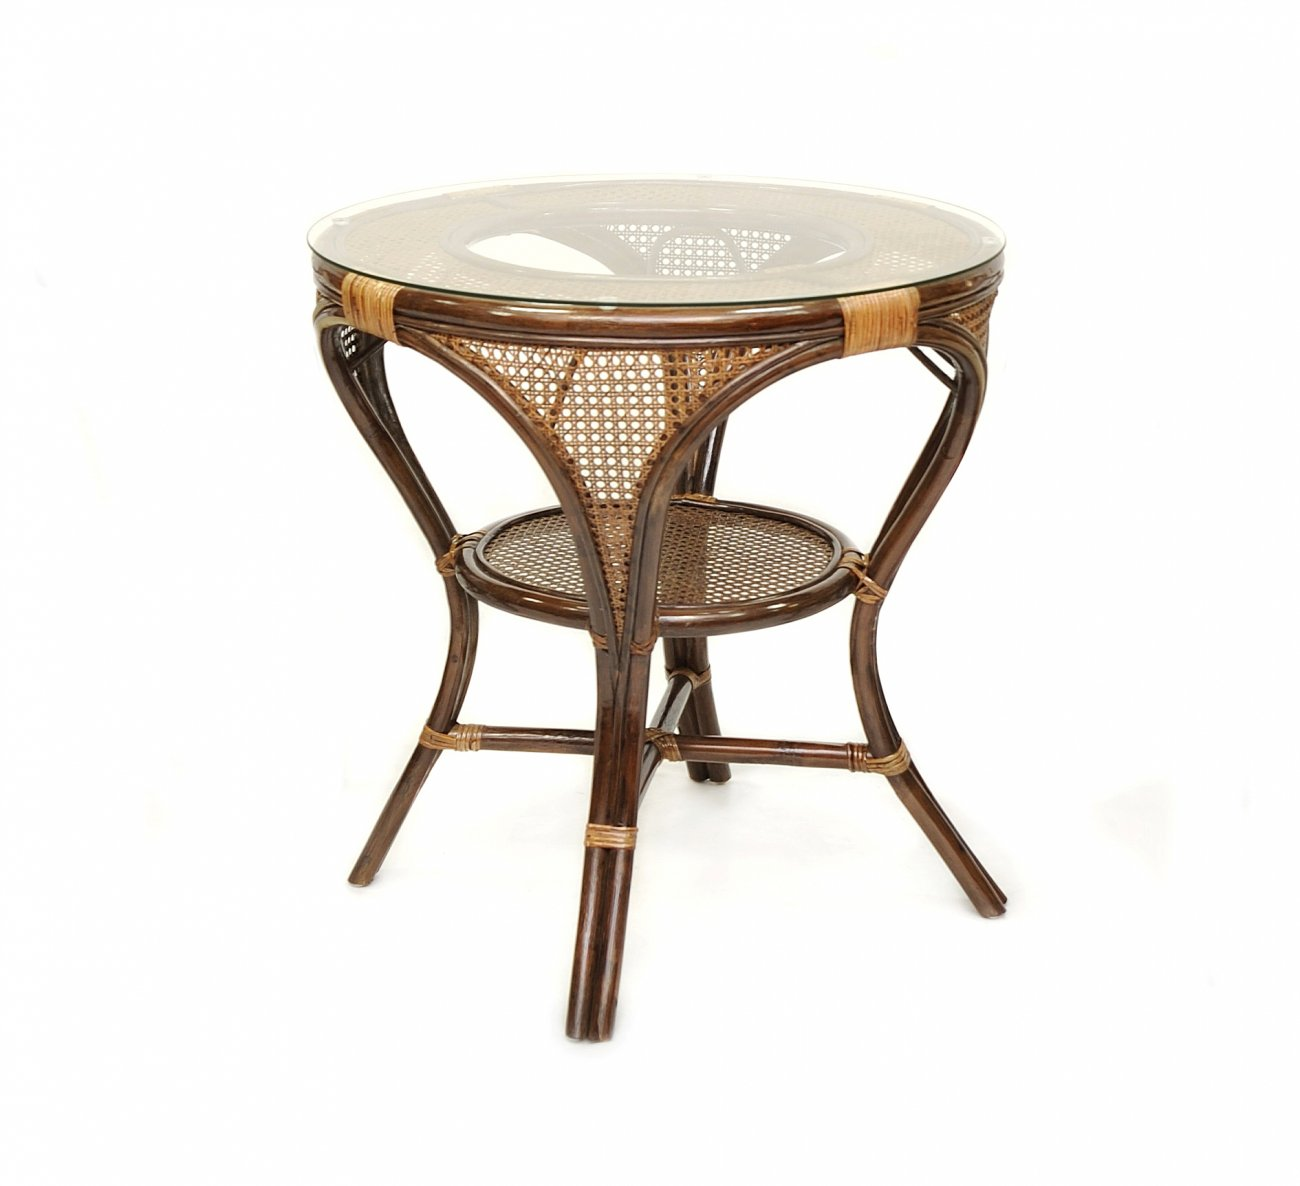 Купить Стол обеденный Dream (коричневый) в интернет магазине дизайнерской мебели и аксессуаров для дома и дачи